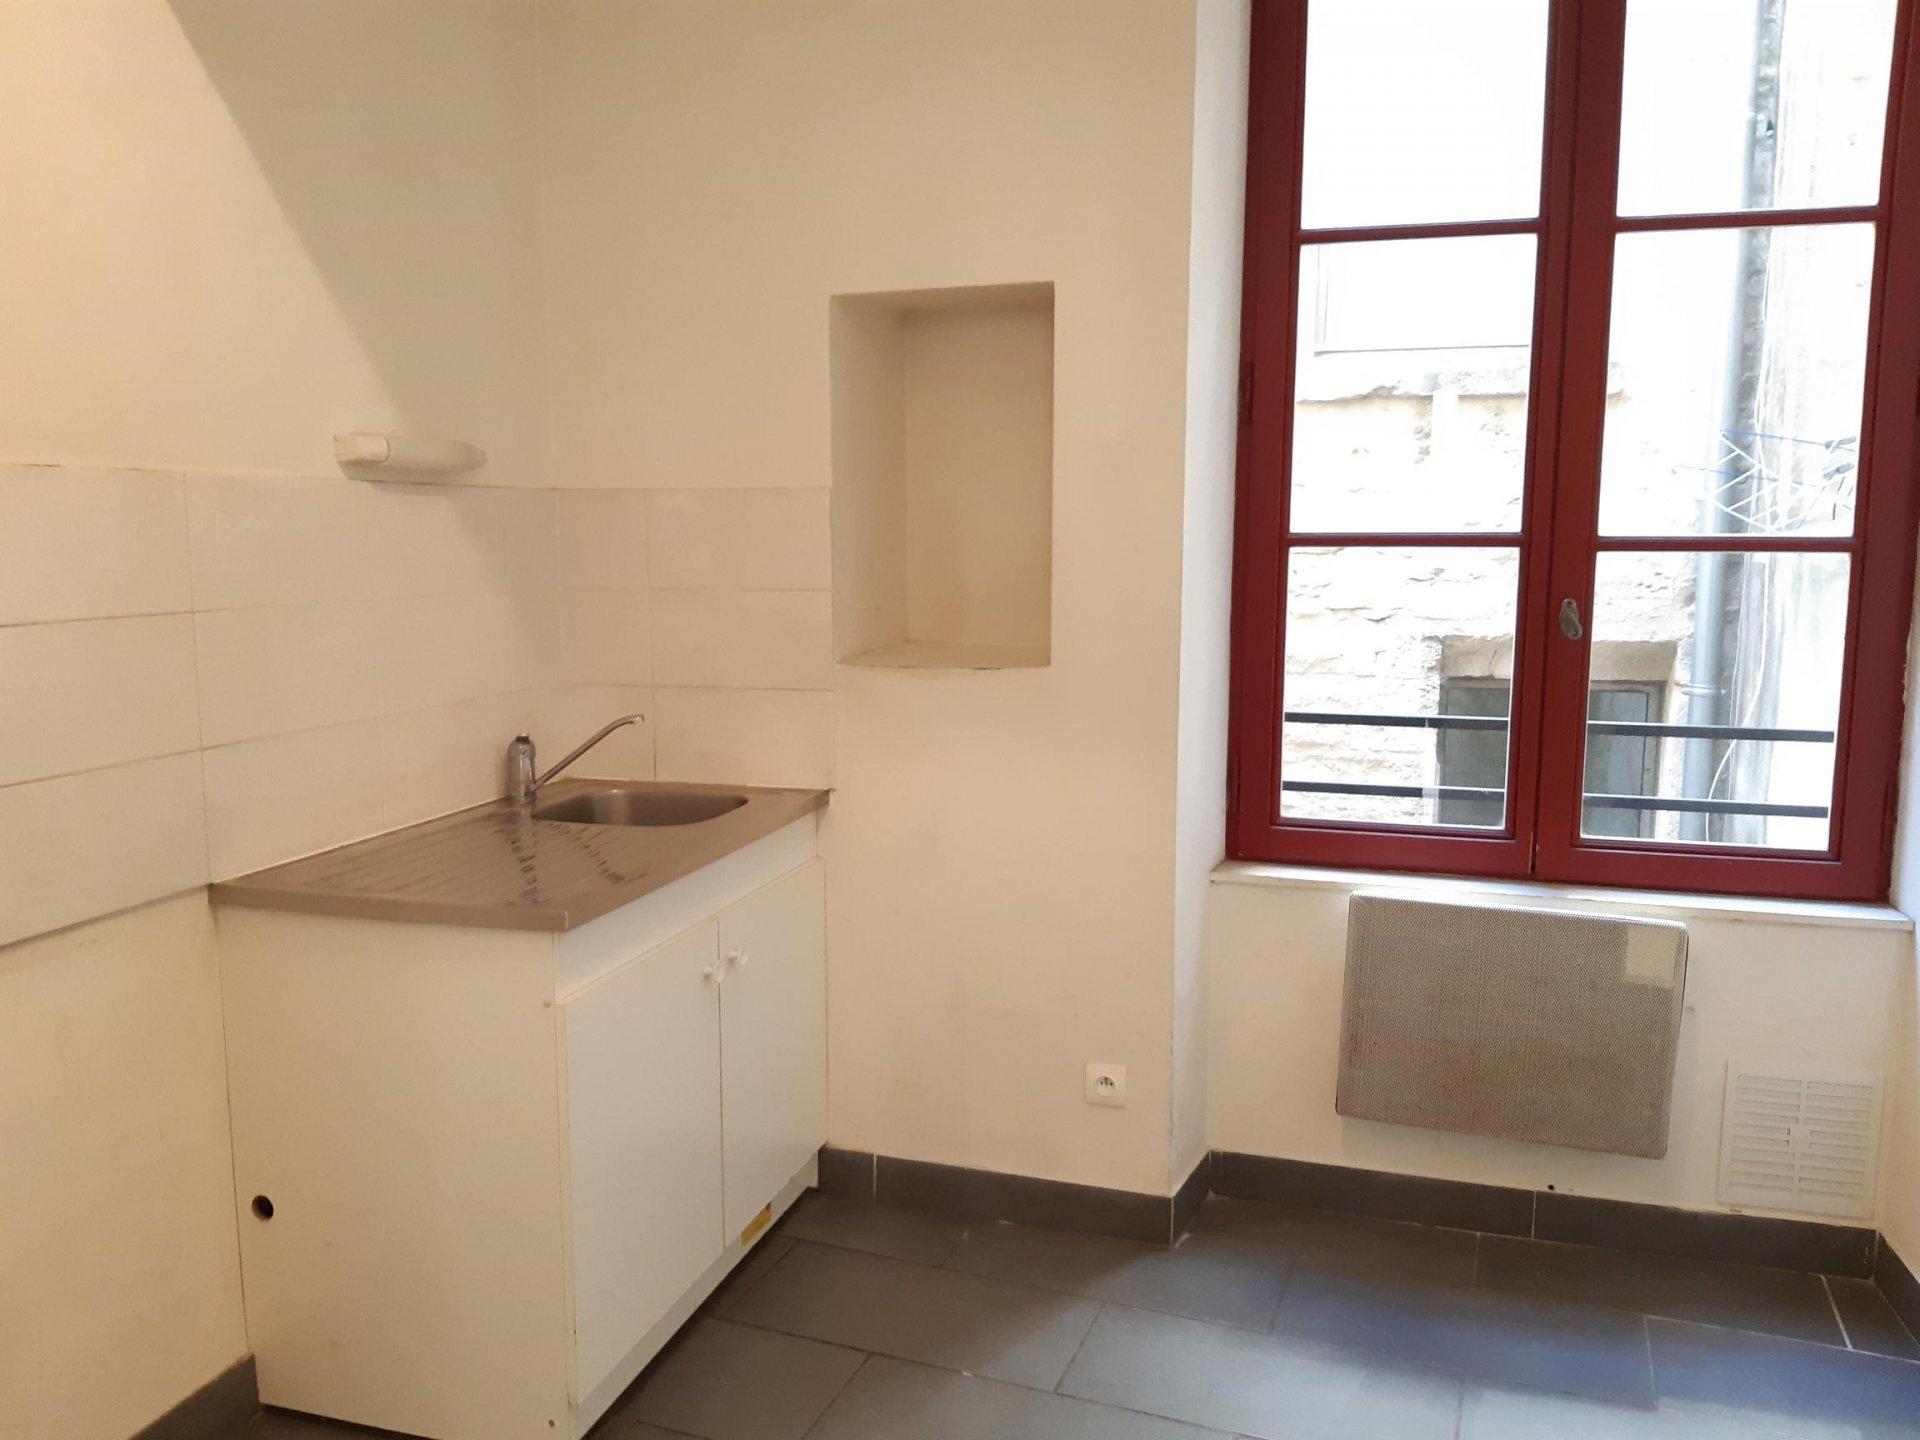 Location Appartement BEAUCAIRE surface habitable de 52 m²